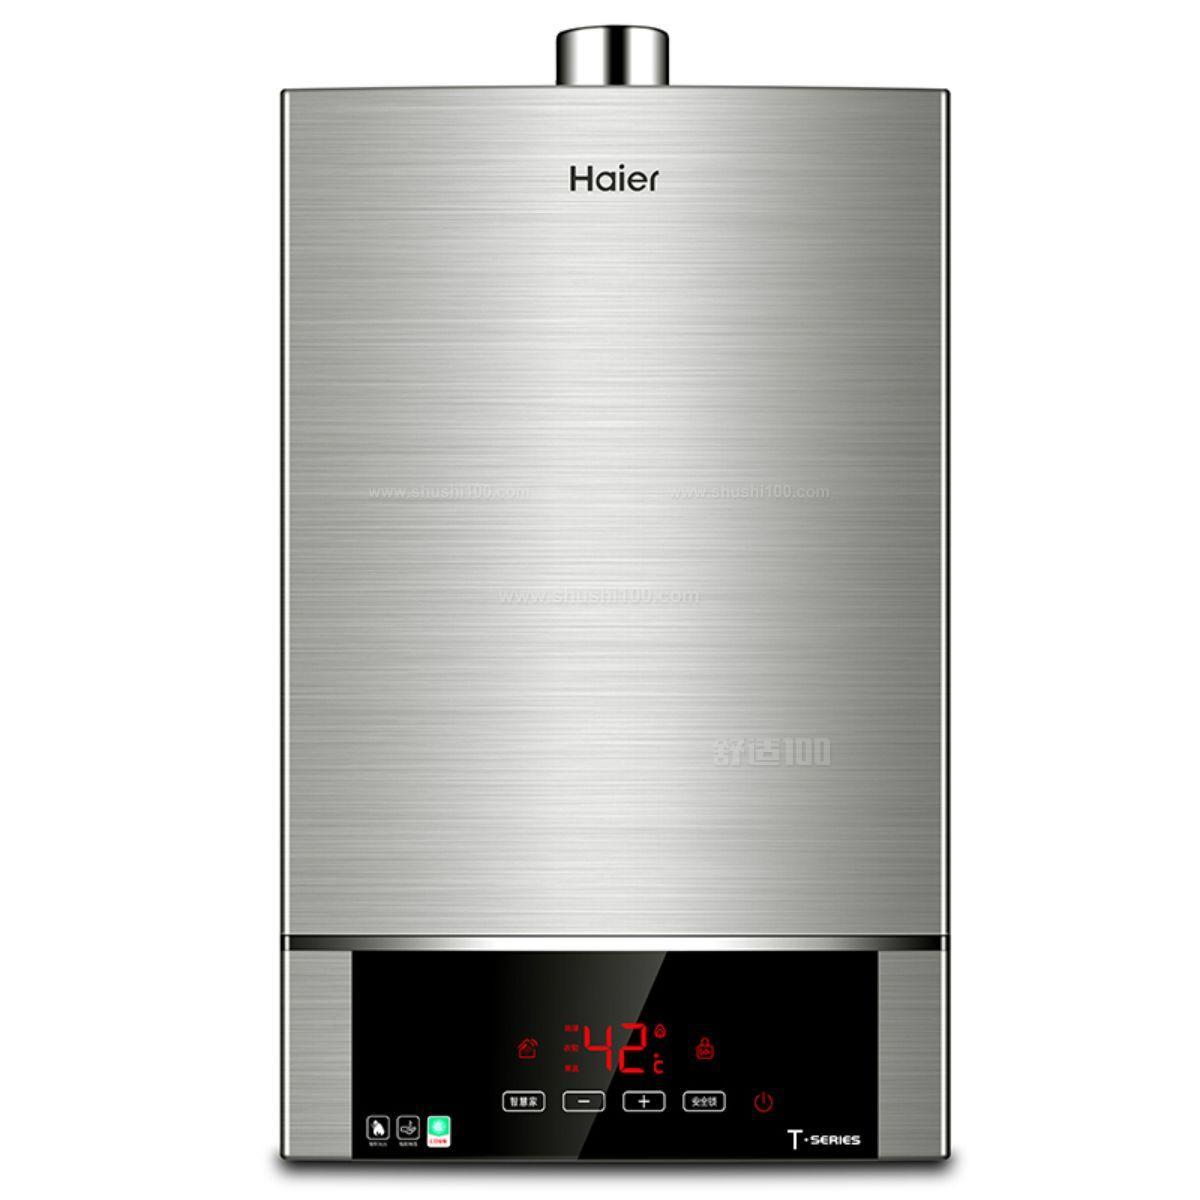 海尔燃气热水器怎么用—海尔燃气热水器使用事项